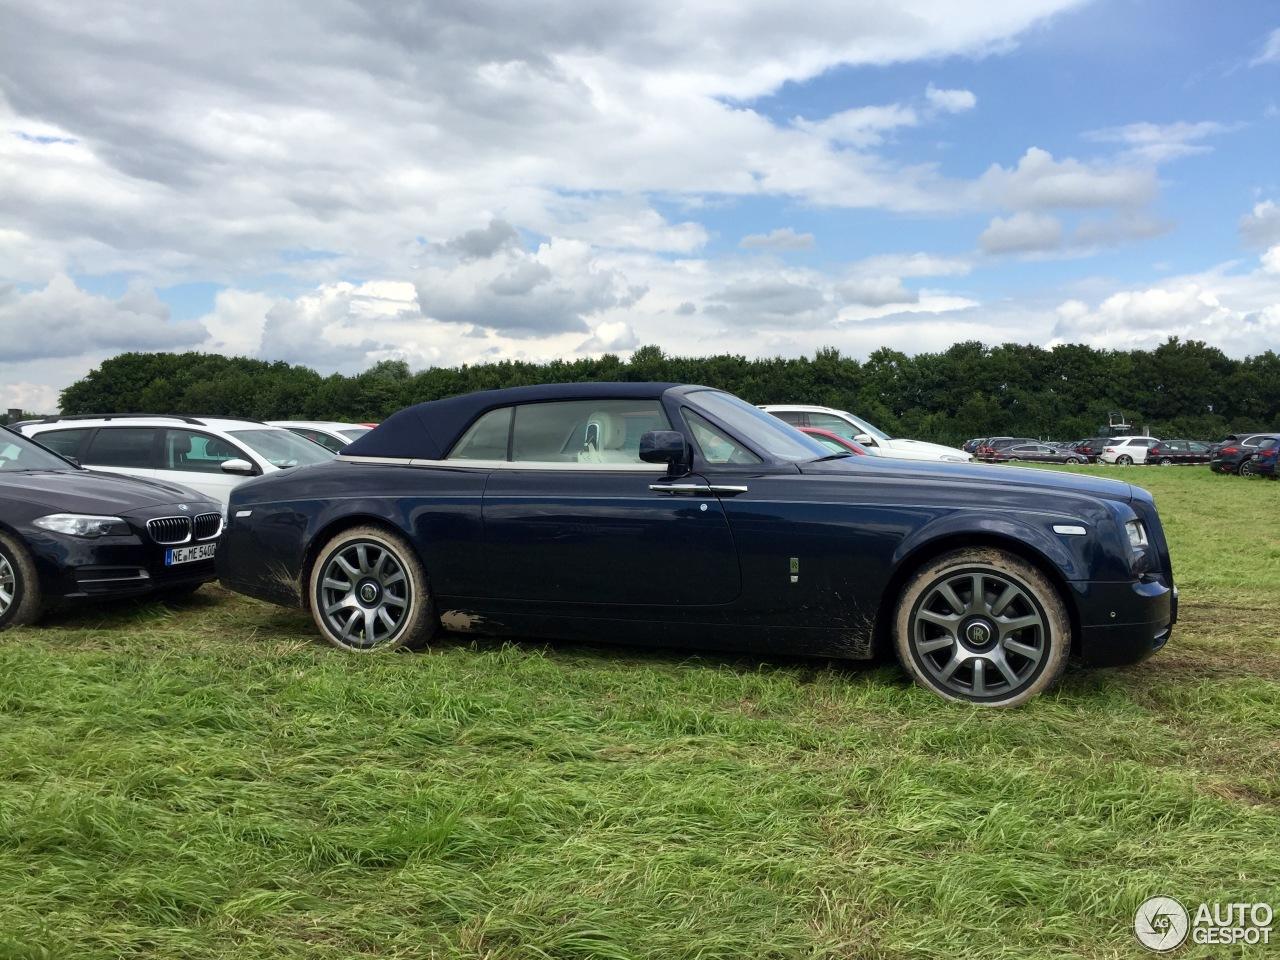 Rolls royce phantom drophead coup series ii 26 june - Rolls royce drophead coupe ...